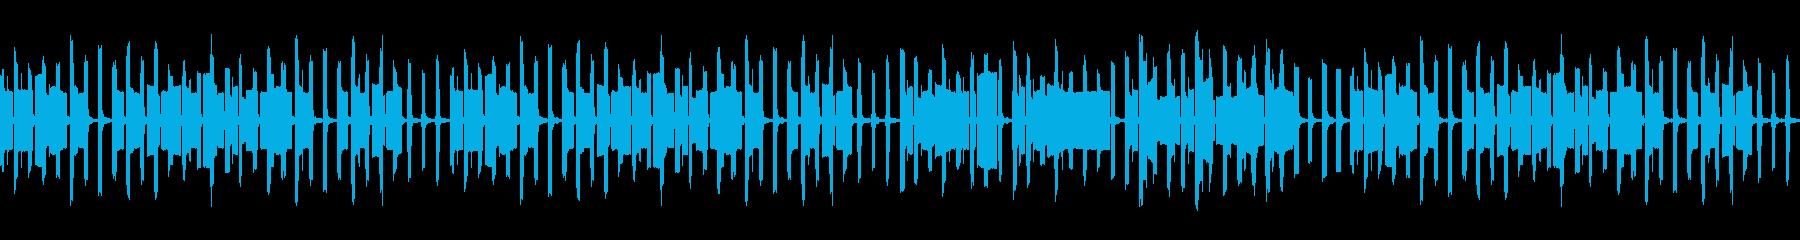 料理番組風オルガン ほのぼの(ループの再生済みの波形